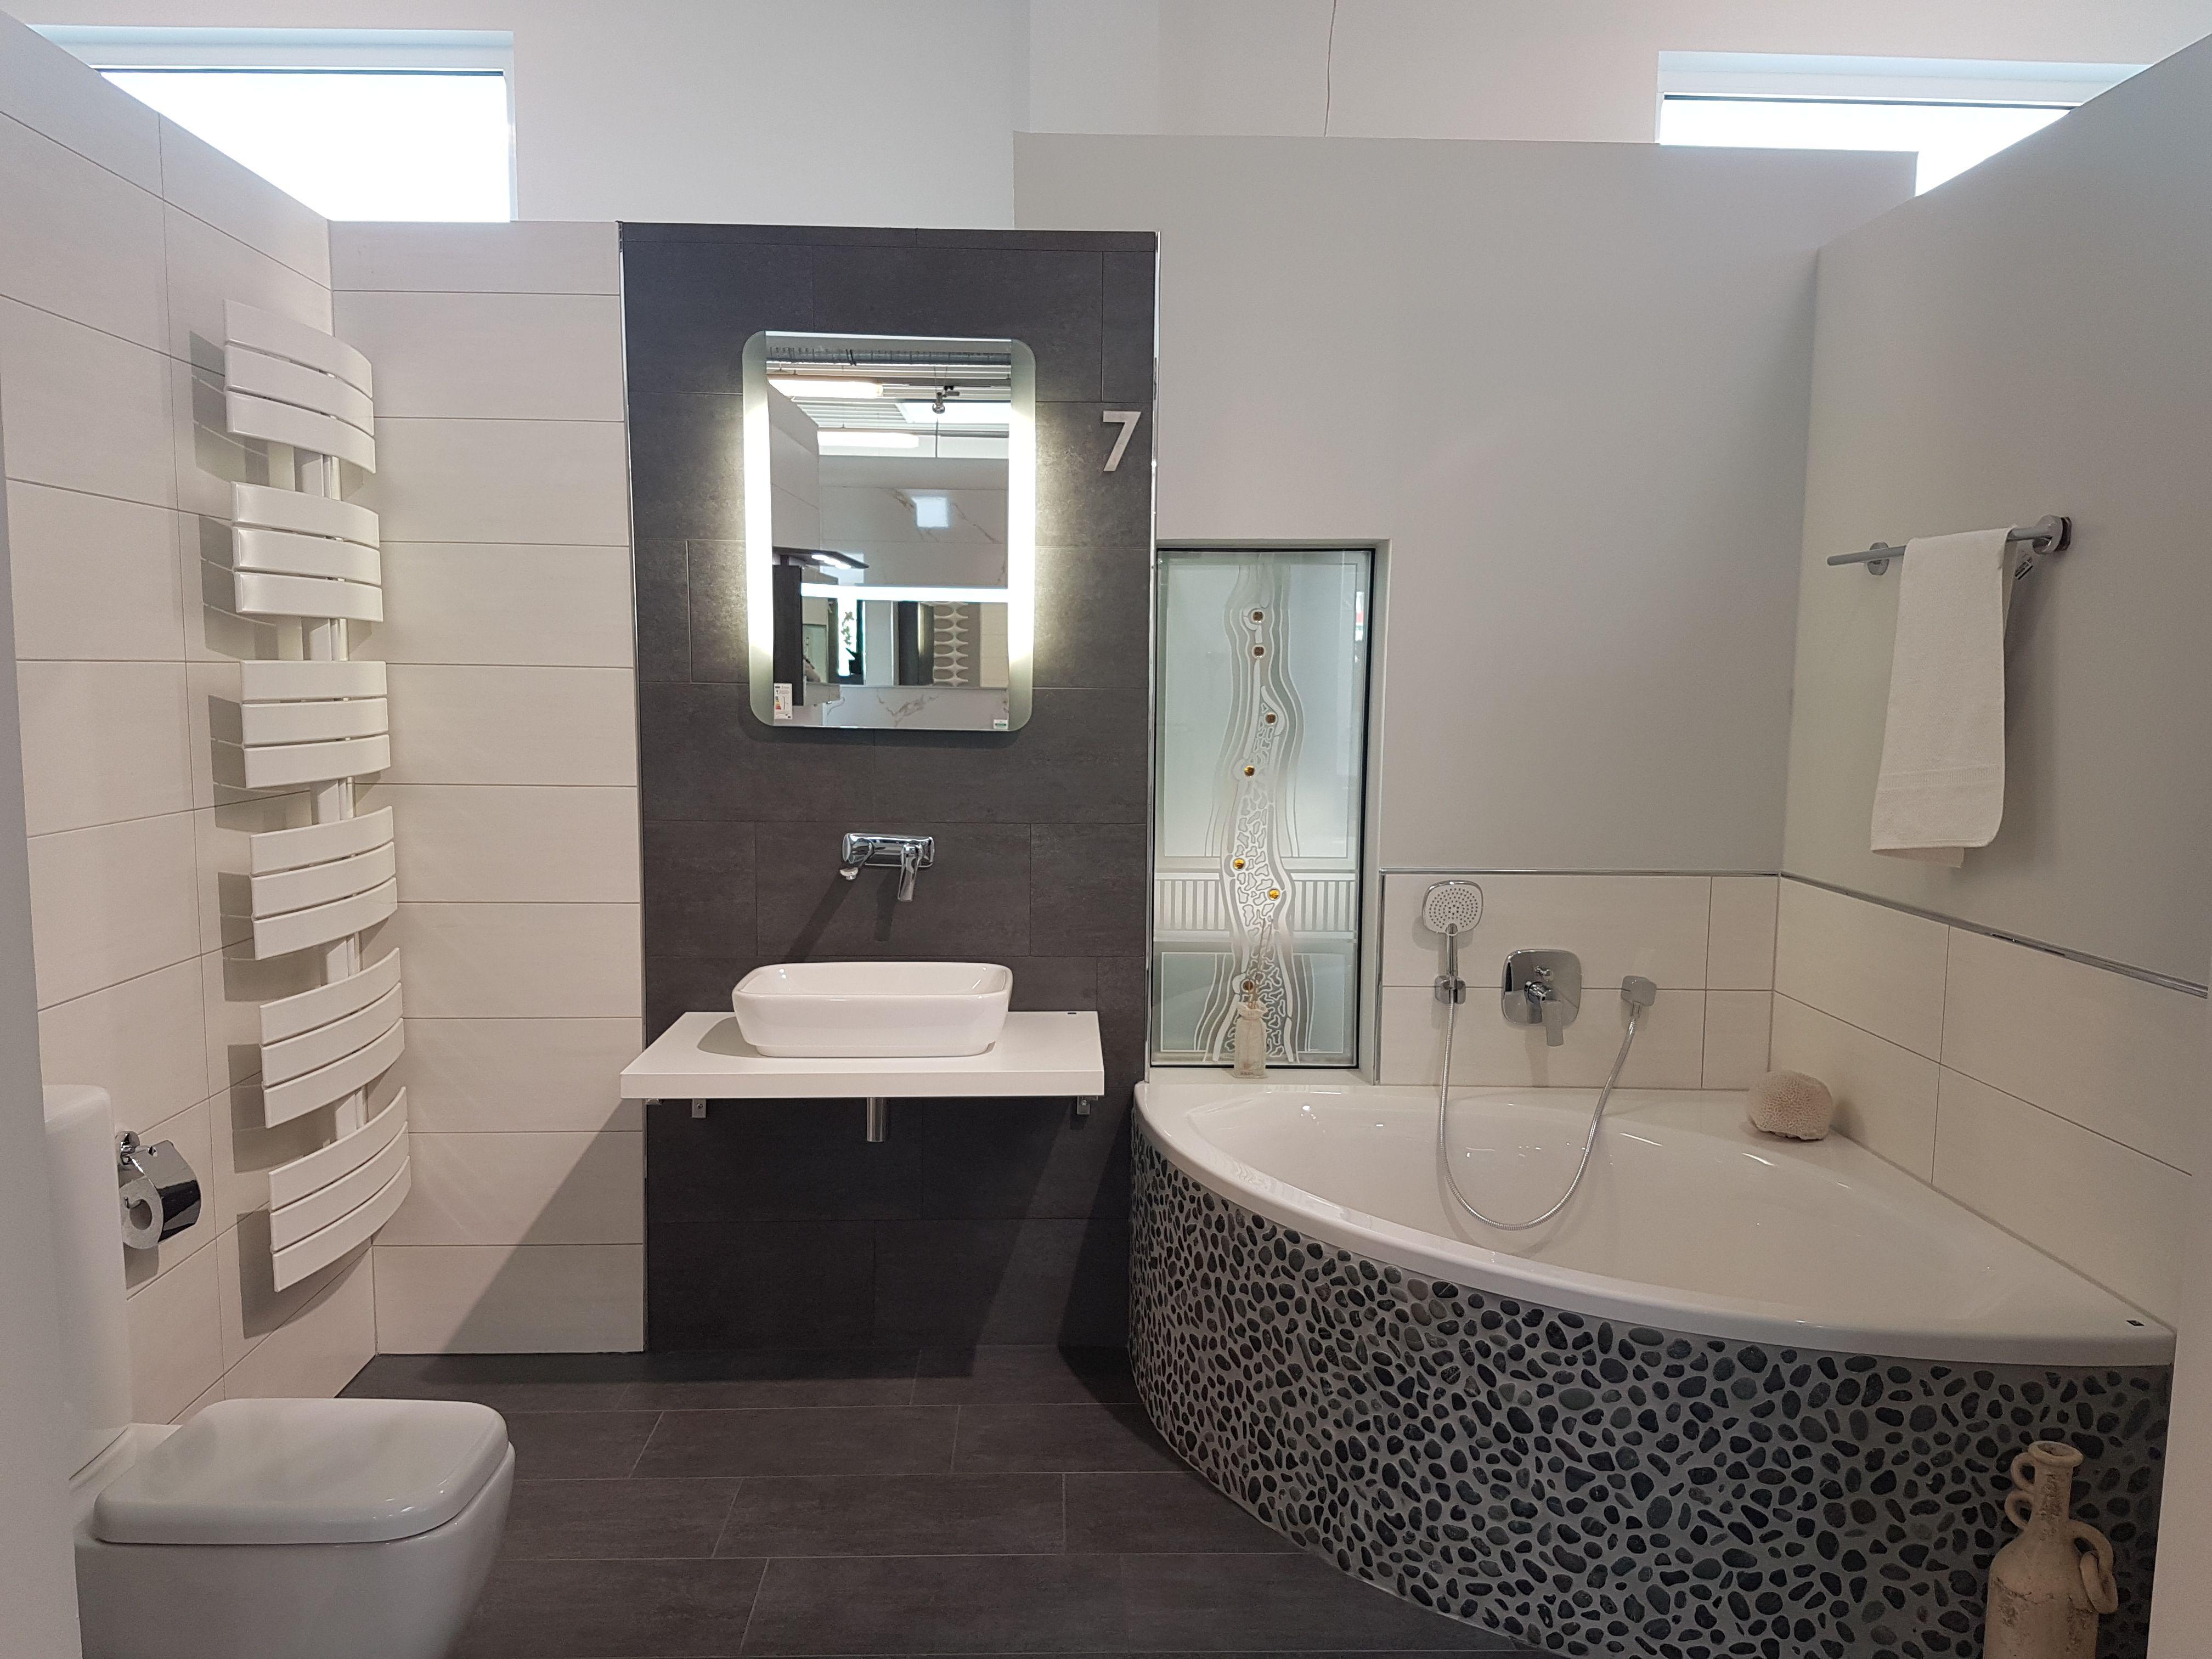 Eckbadewanne, Kiesel-Mosaik, hängende Toilette, Bad